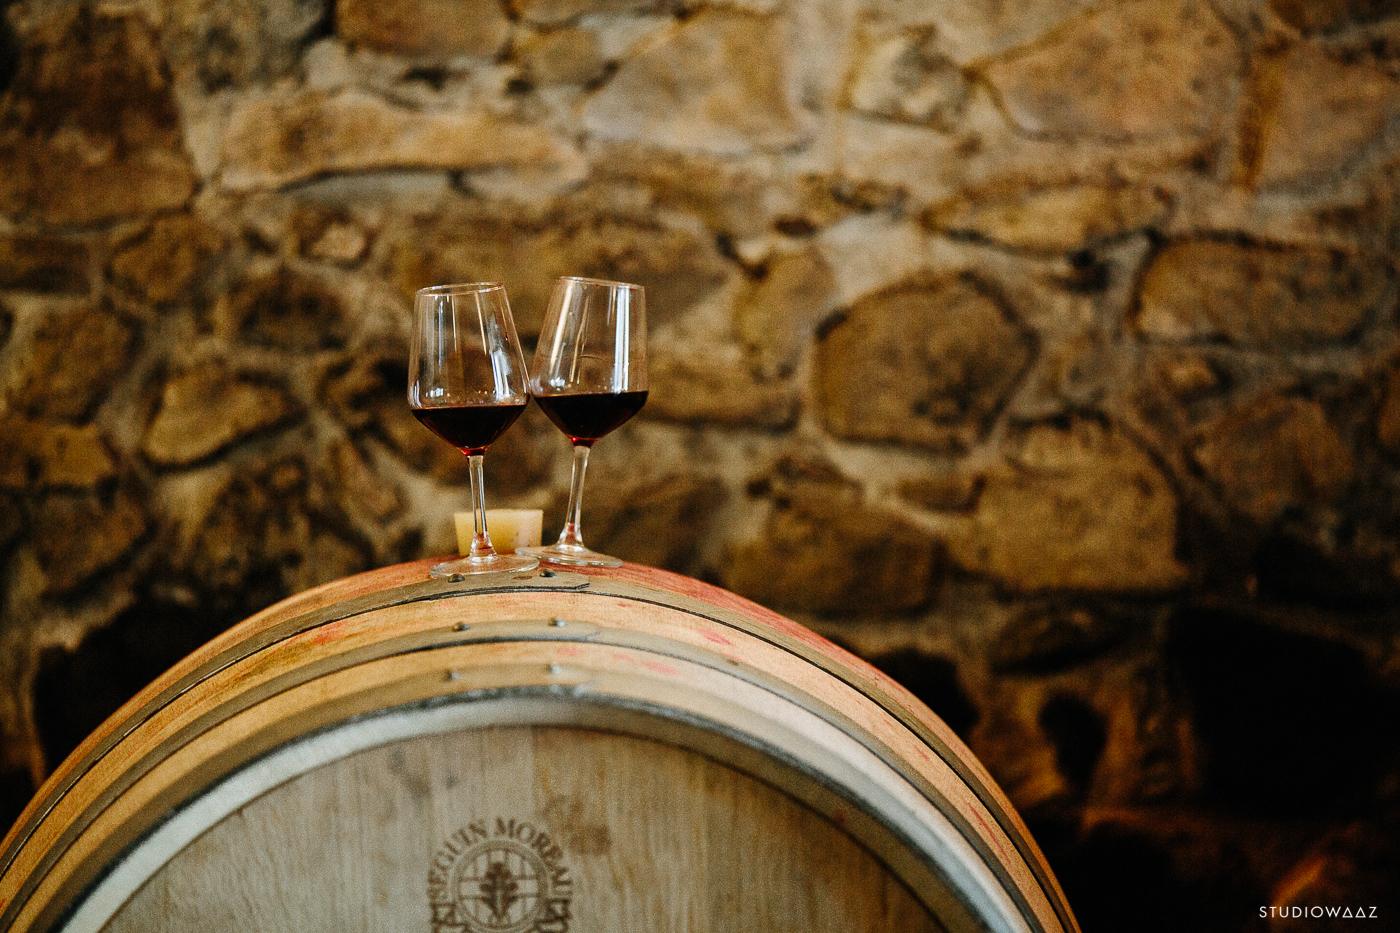 Barriques de vins de la Cave d'Irouleguy